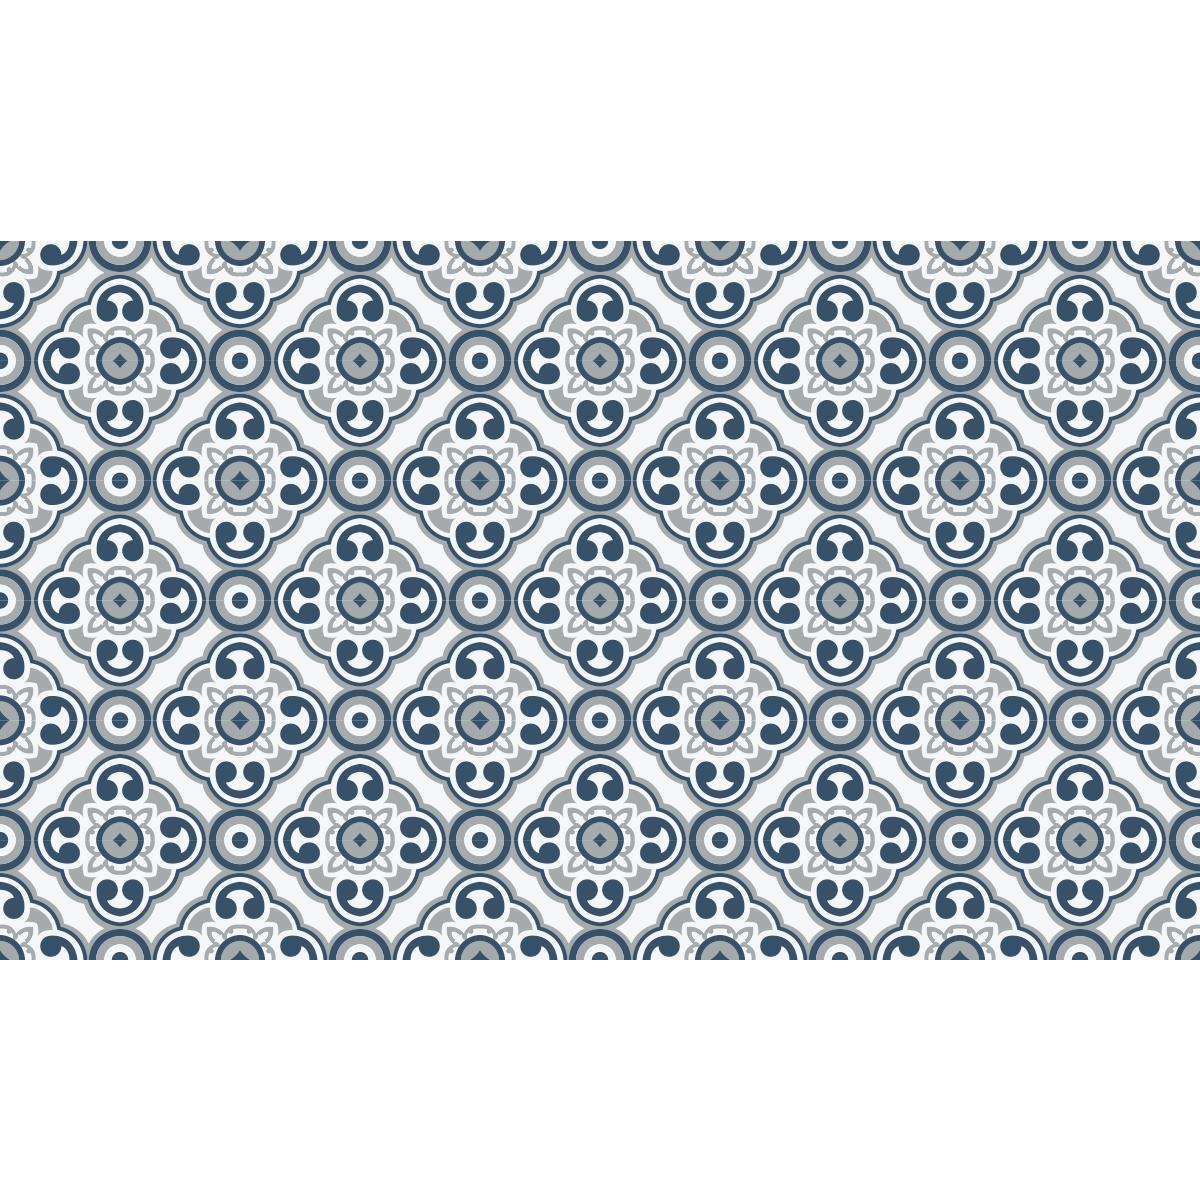 Mettre Du Lino Sur Du Carrelage stickers carrelages sol lino anti-dérapant - 60x100 cm